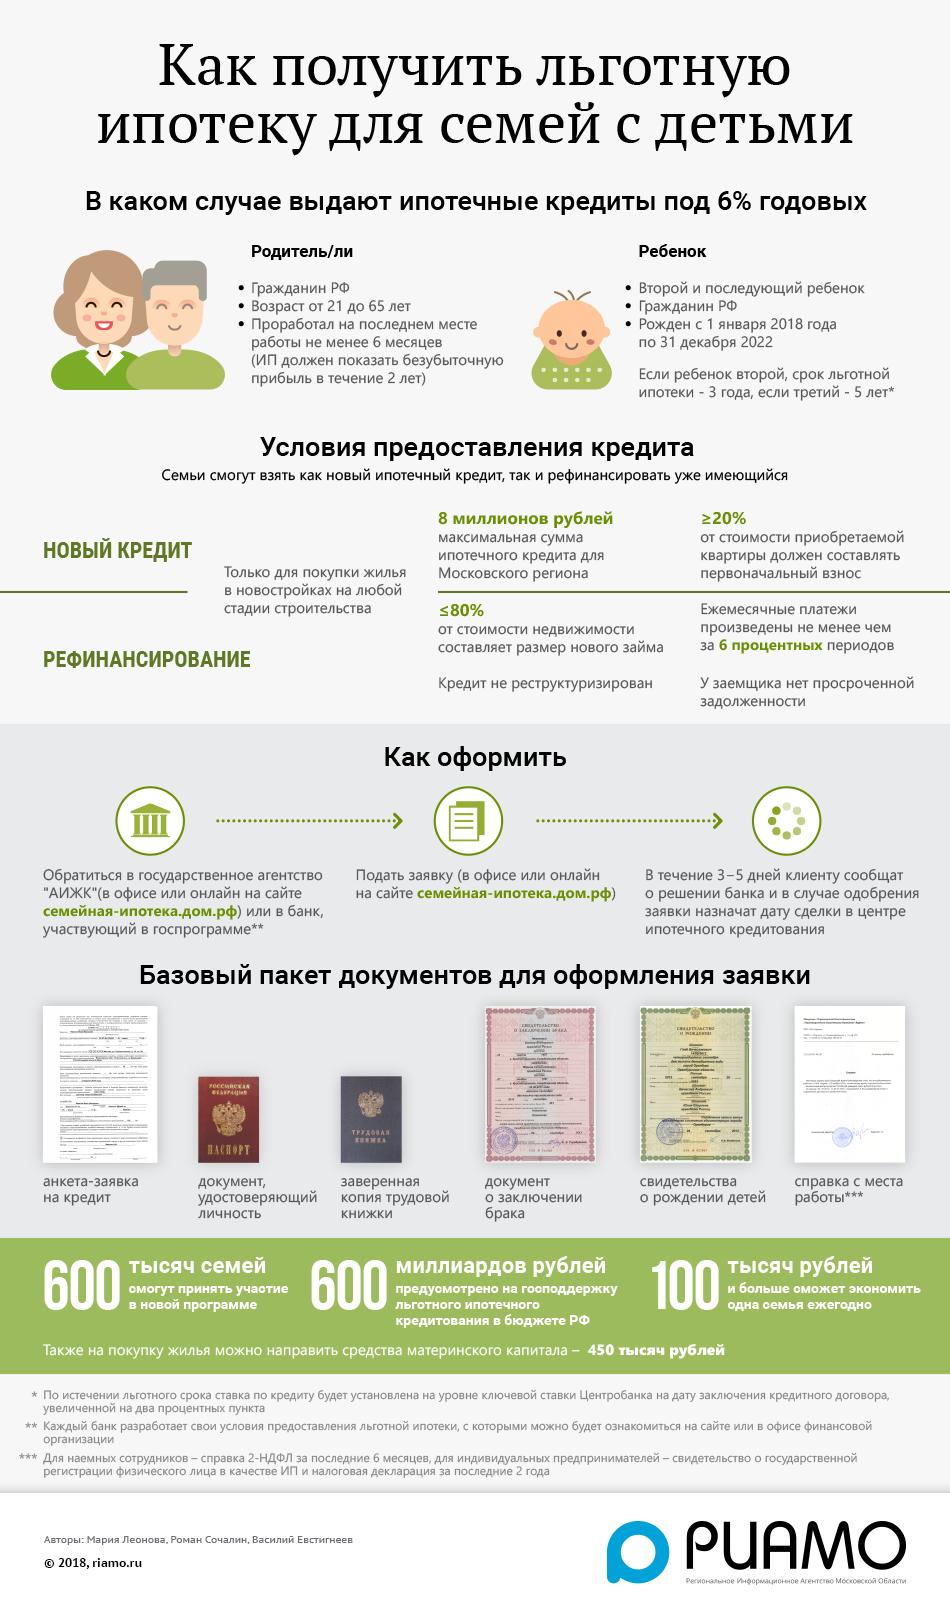 Как семье с детьми получить льготную ипотеку в Подмосковье